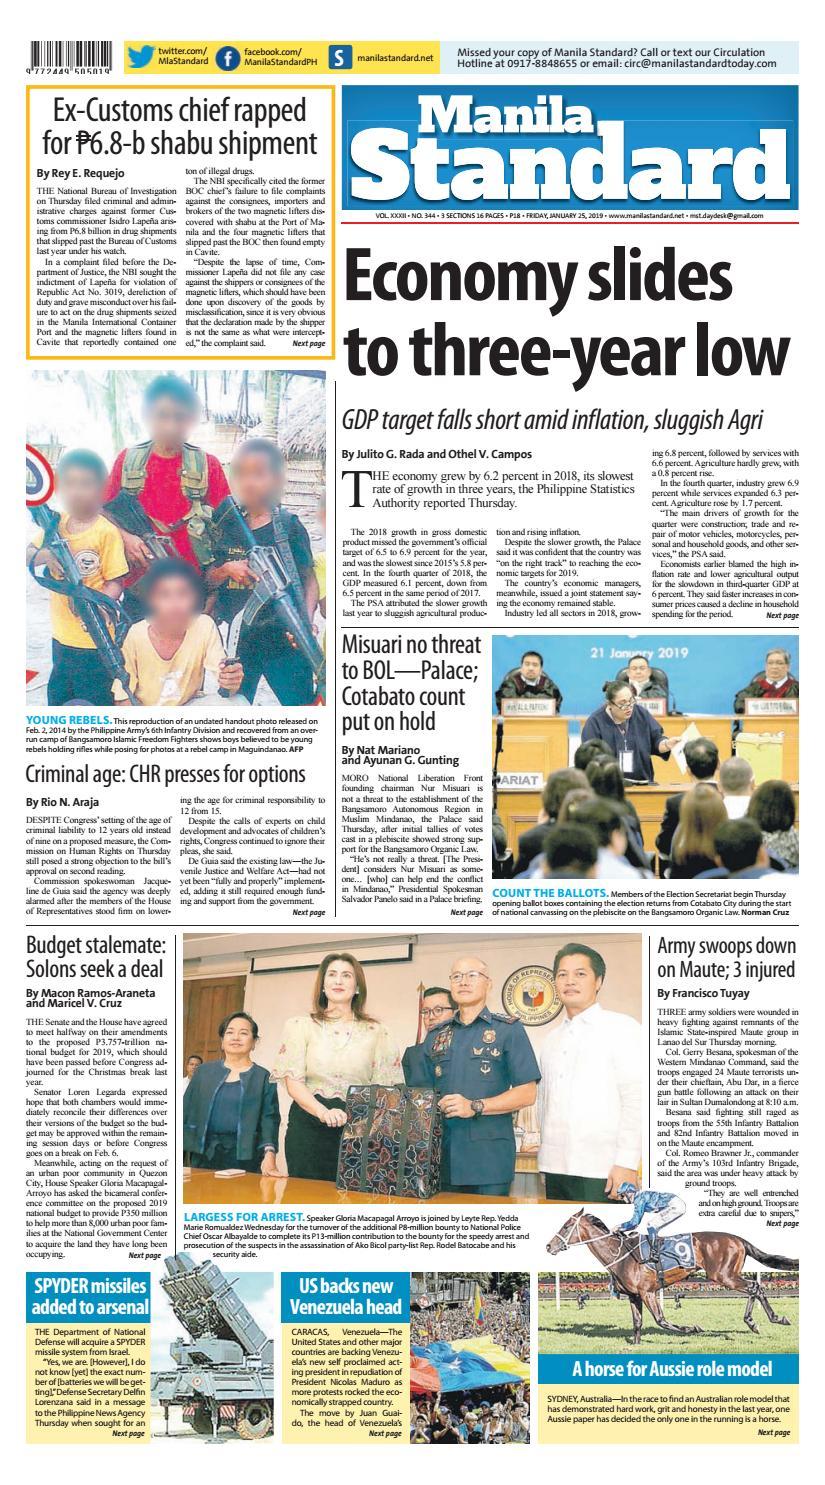 Manila Standard - 2019 January 25 - Friday by Manila